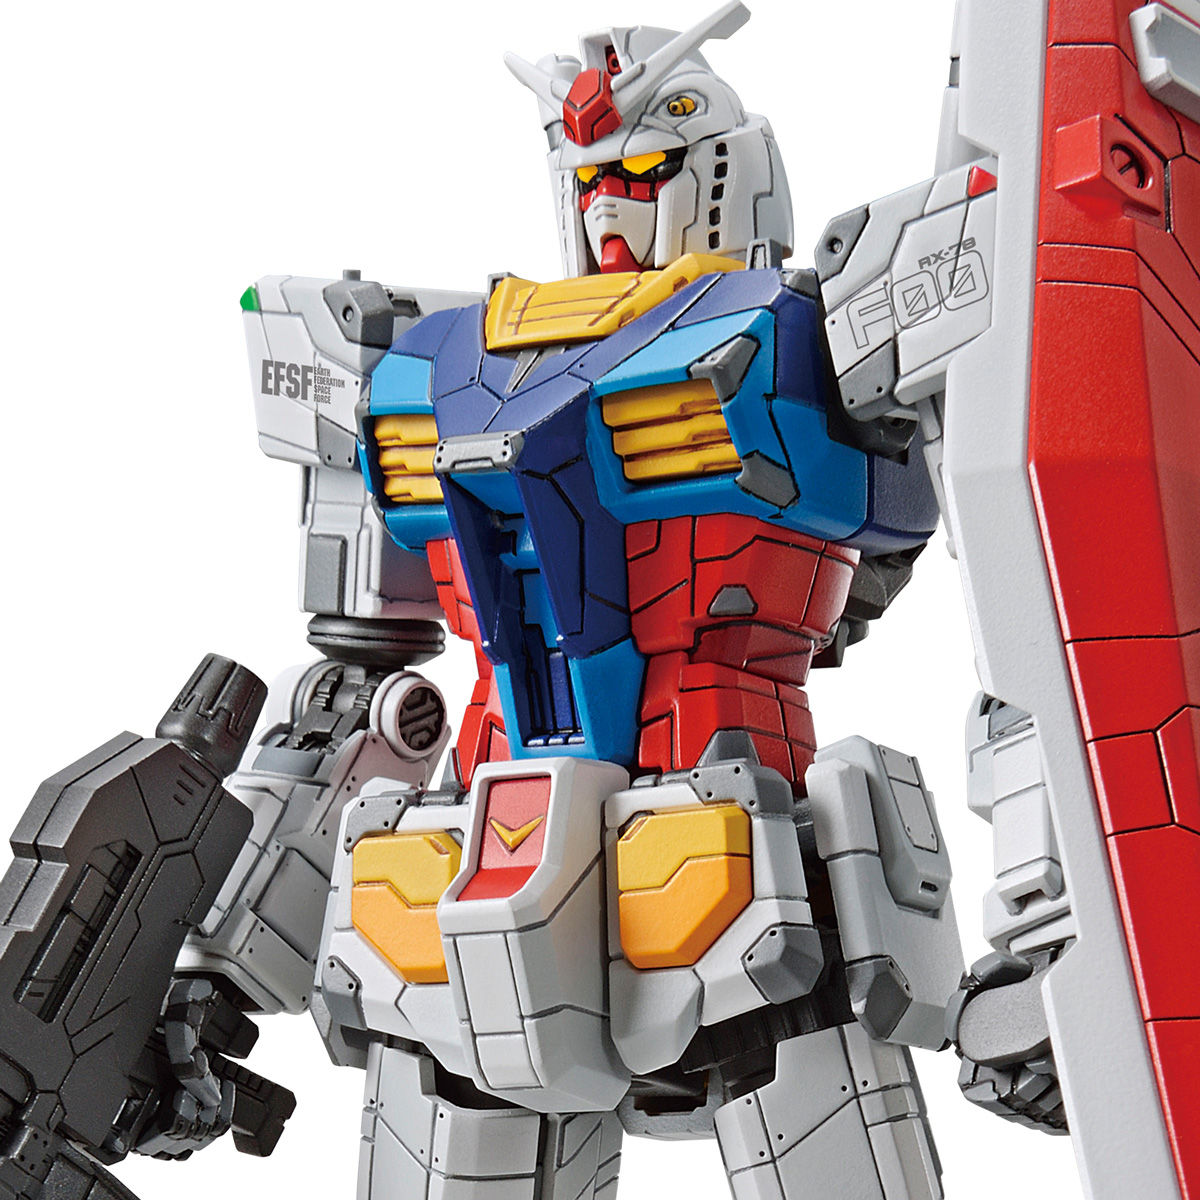 【先行販売】GUNDAM FACTORY YOKOHAMA『RX-78F00 ガンダム&ガンダムドック』1/144 プラモデル-001